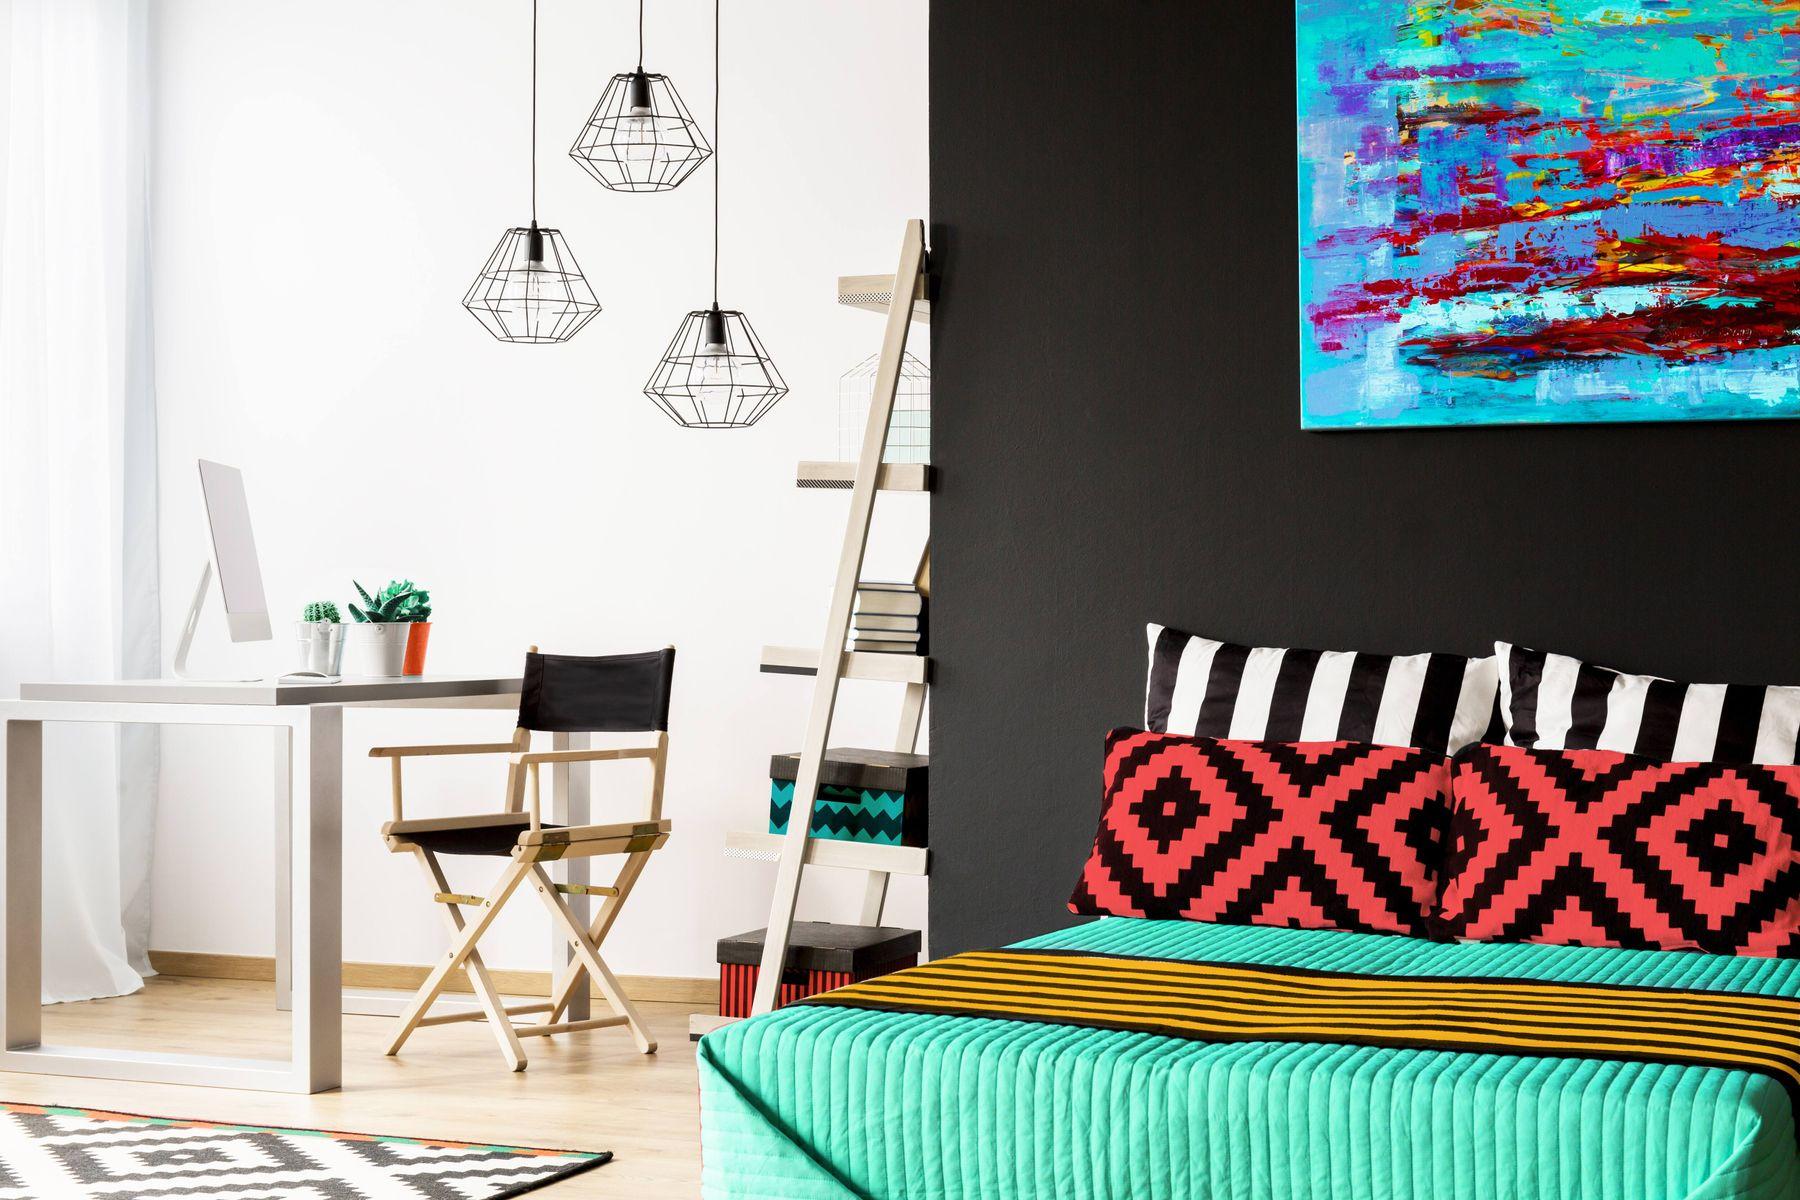 Schlafzimmer mit bunten Kissen auf dem Bett und Home Office im Hintergrund